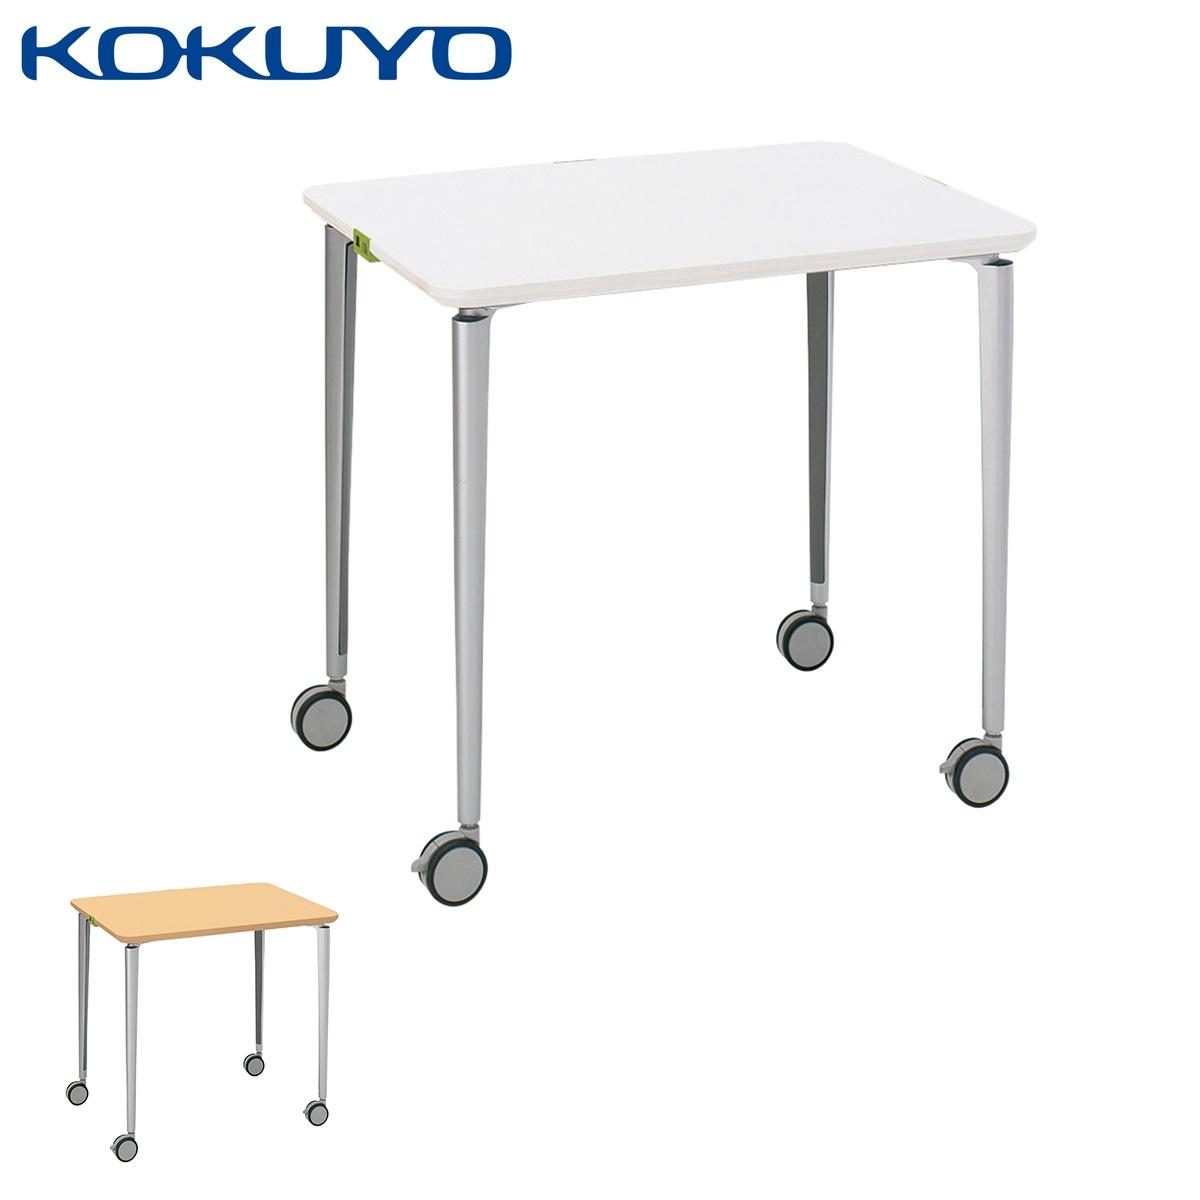 コクヨ ミーティングテーブル 会議用テーブル FitMe フィットミー MT-FM86 マグネットフィットあり 長方形テーブル 幅80×奥行60cm